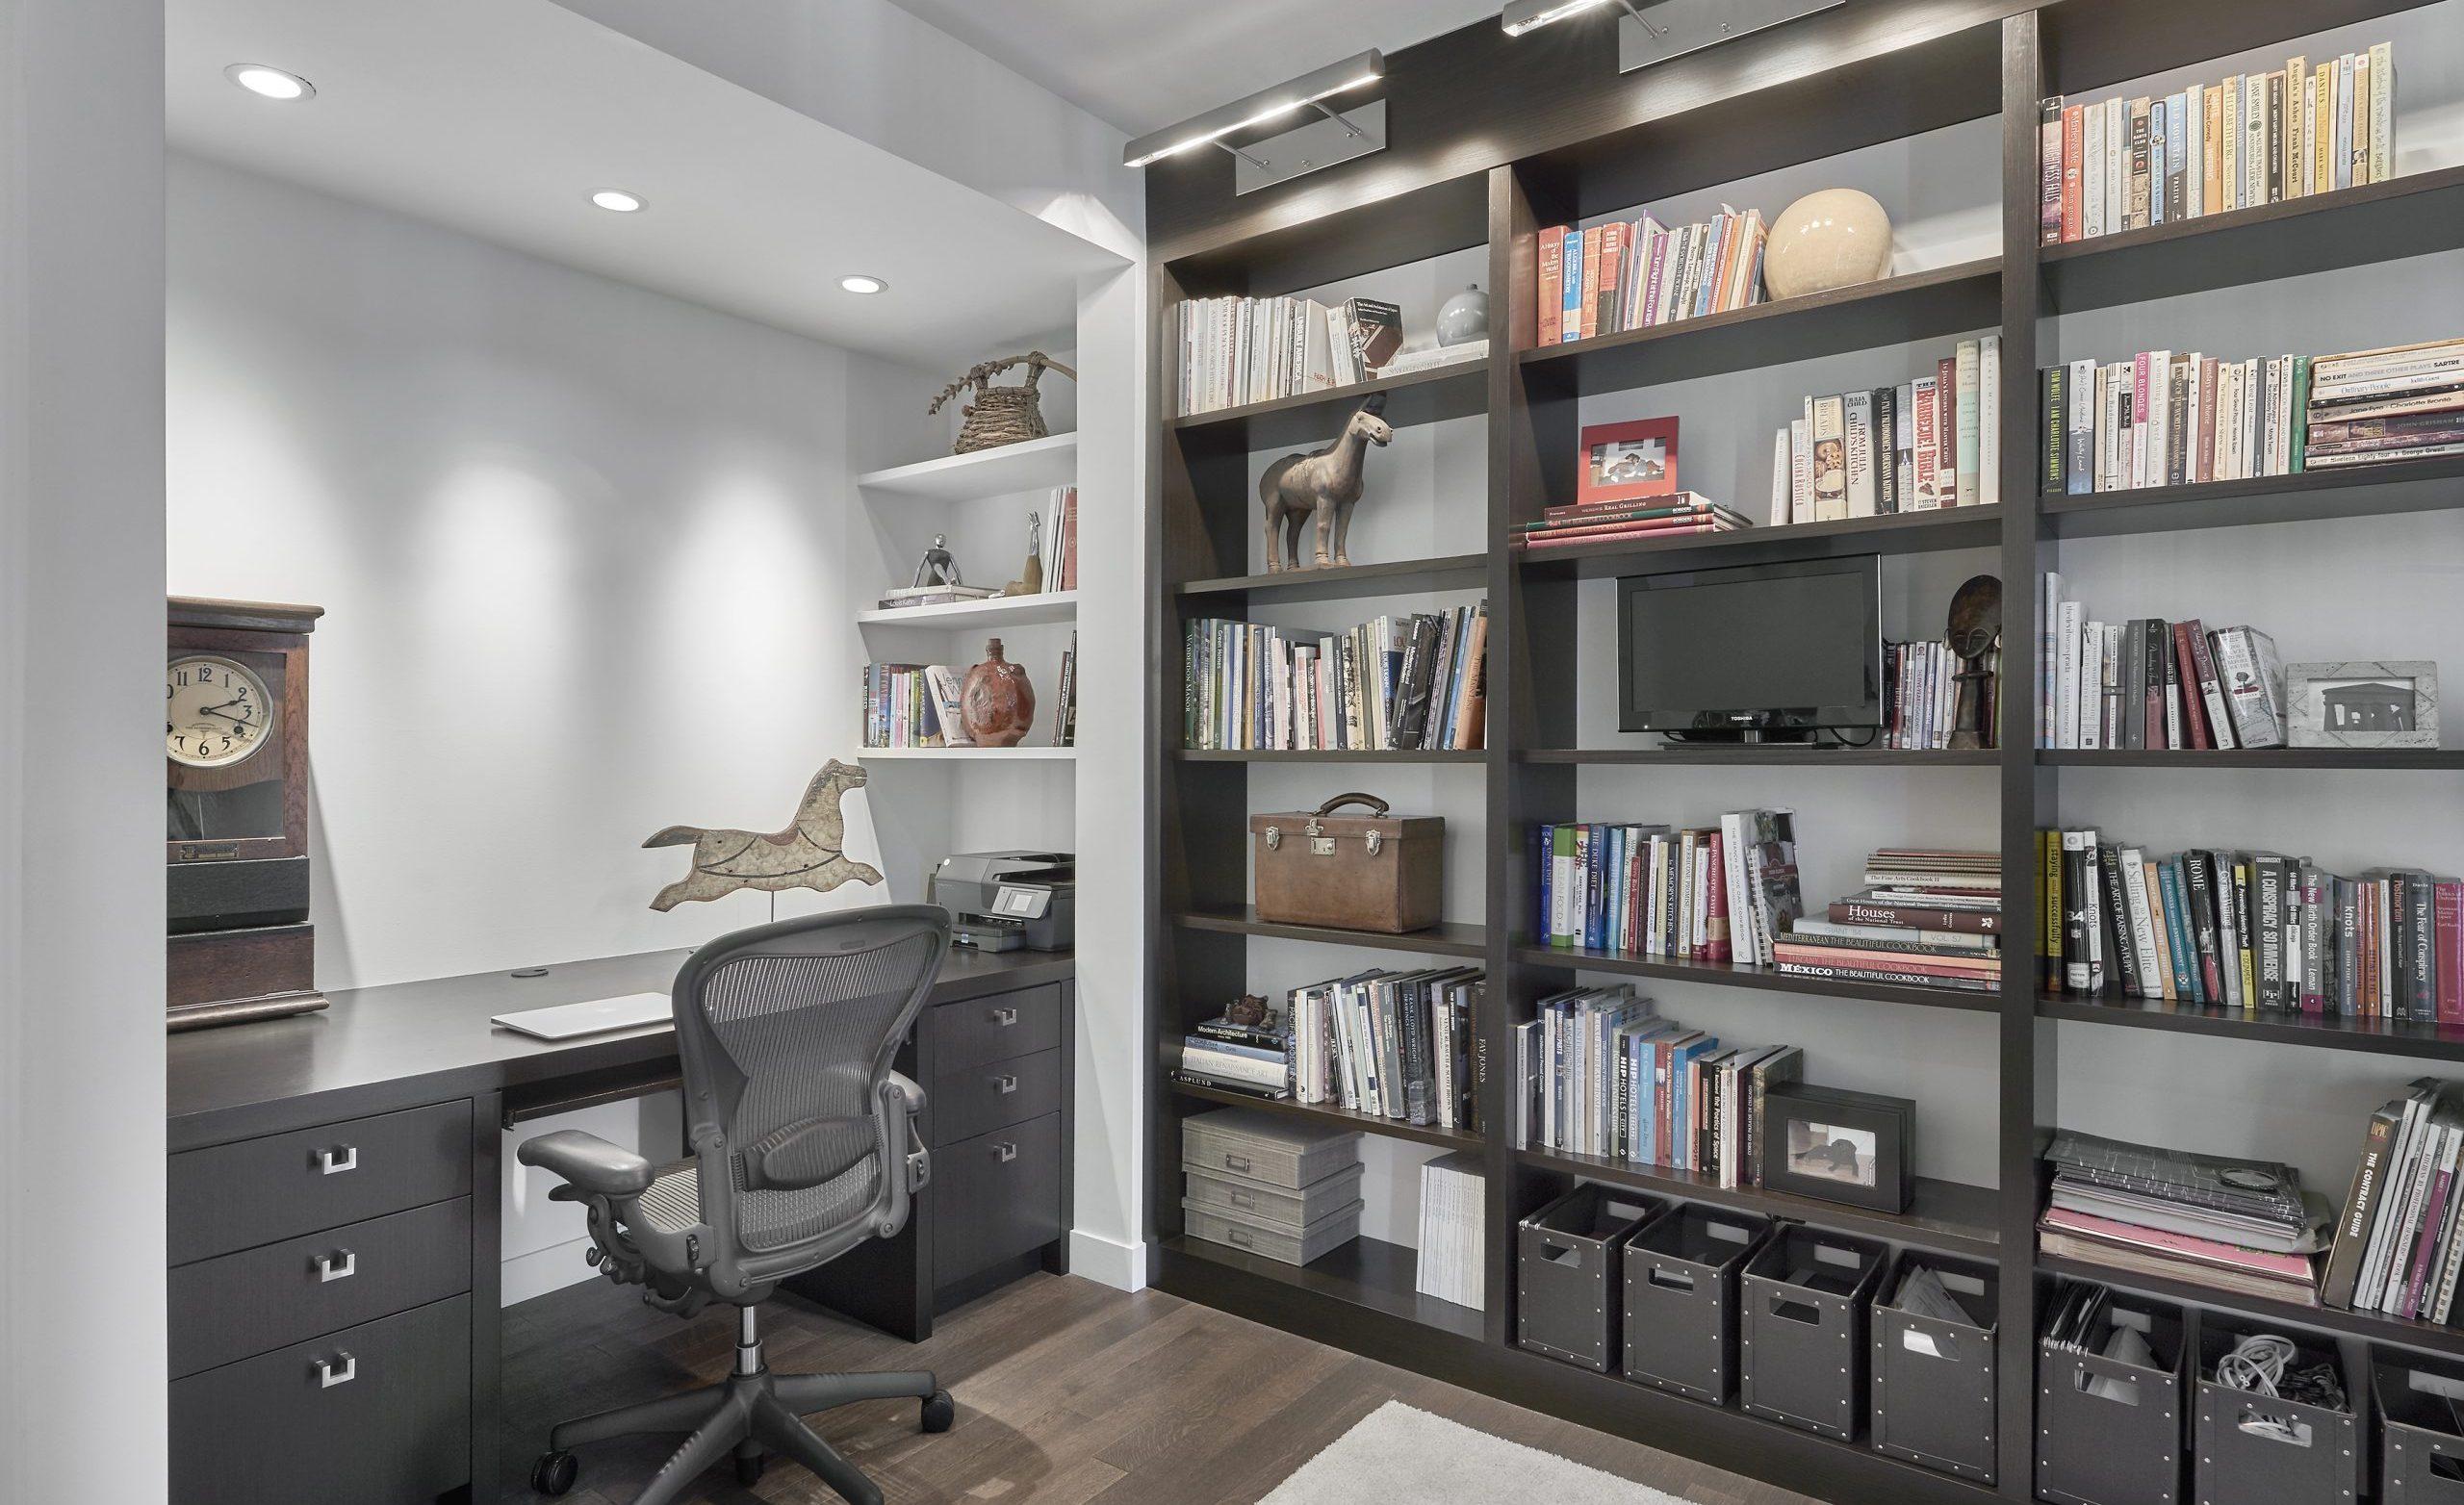 jaffea+i-Blue-Skies-Ahead-second-bedroom-office